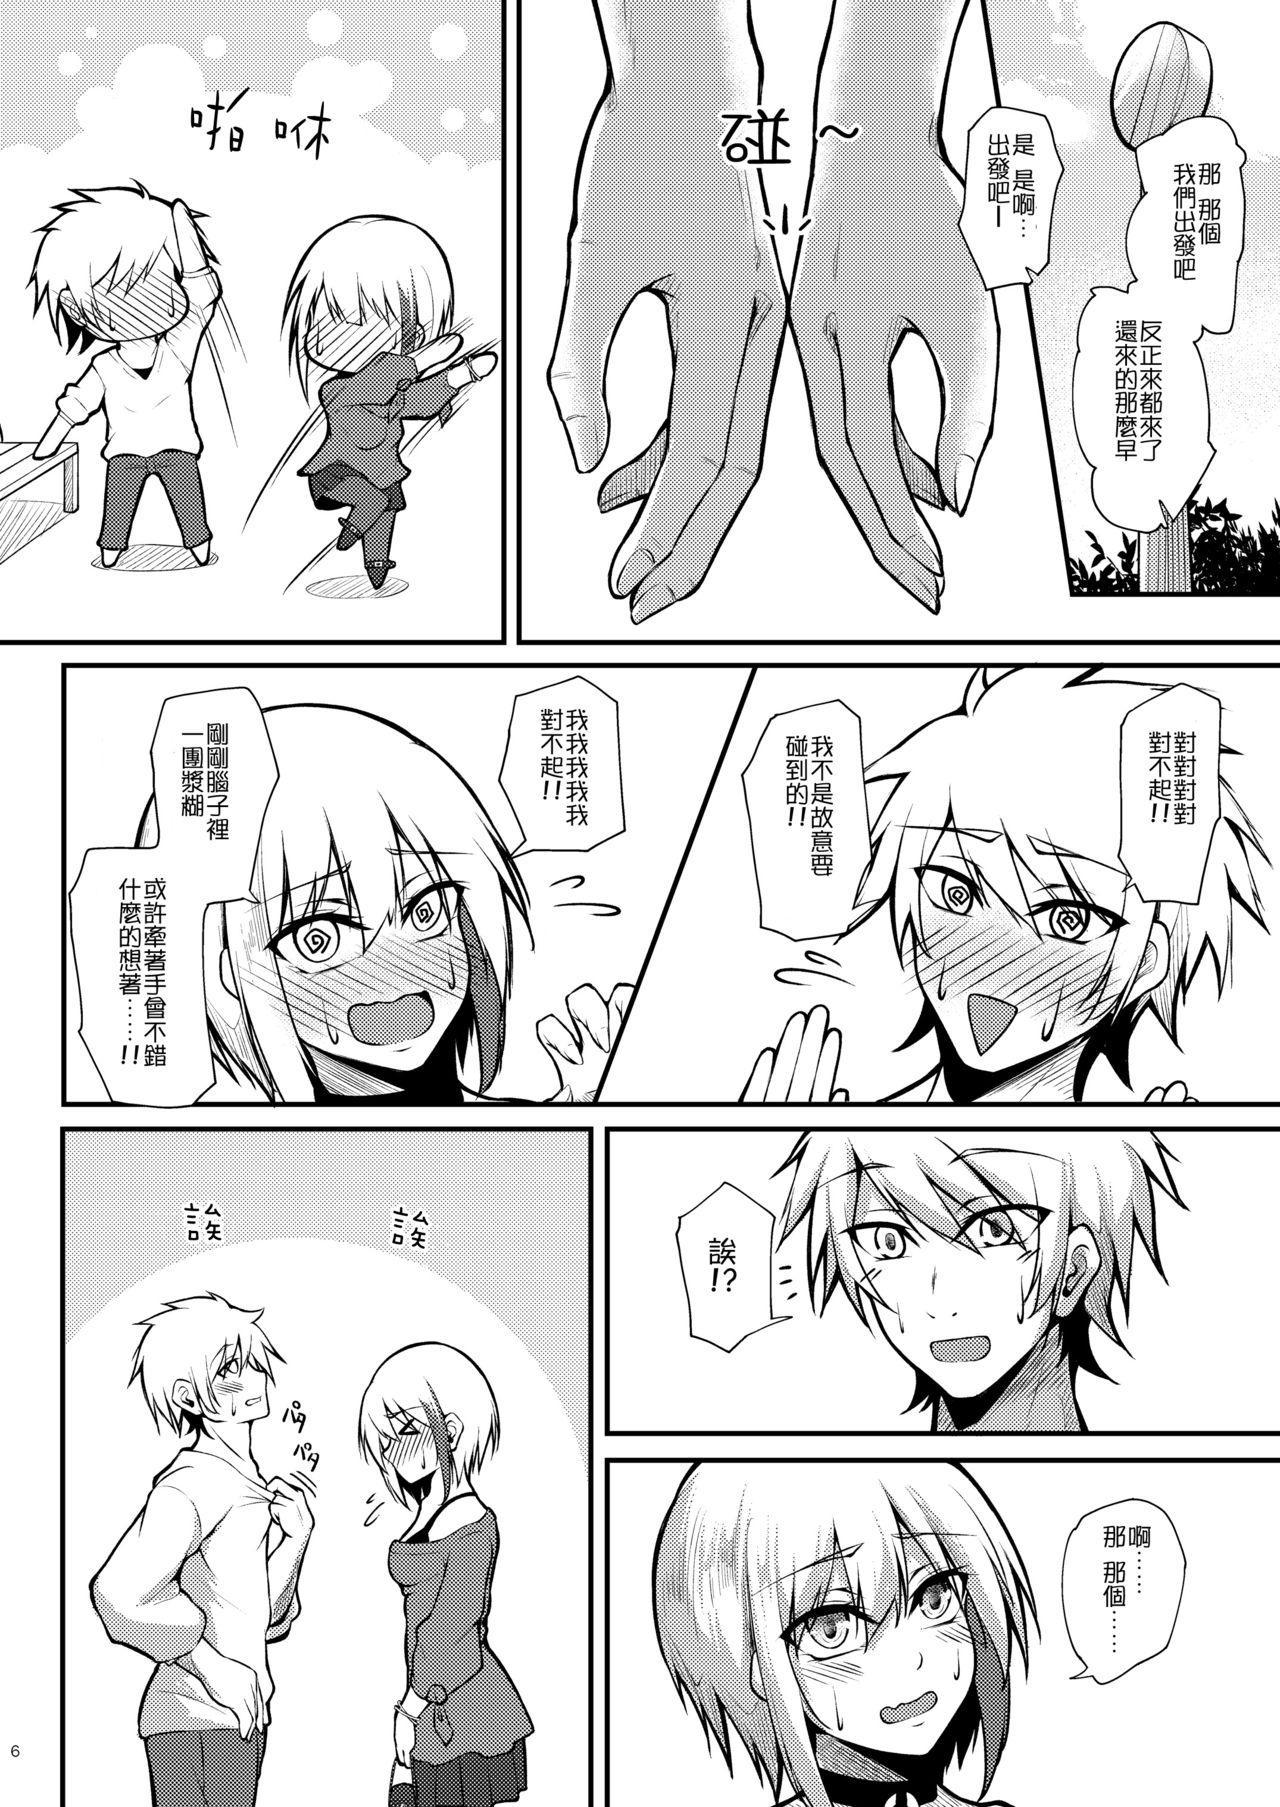 Afureru Kurai, Kimi ga Suki. 5